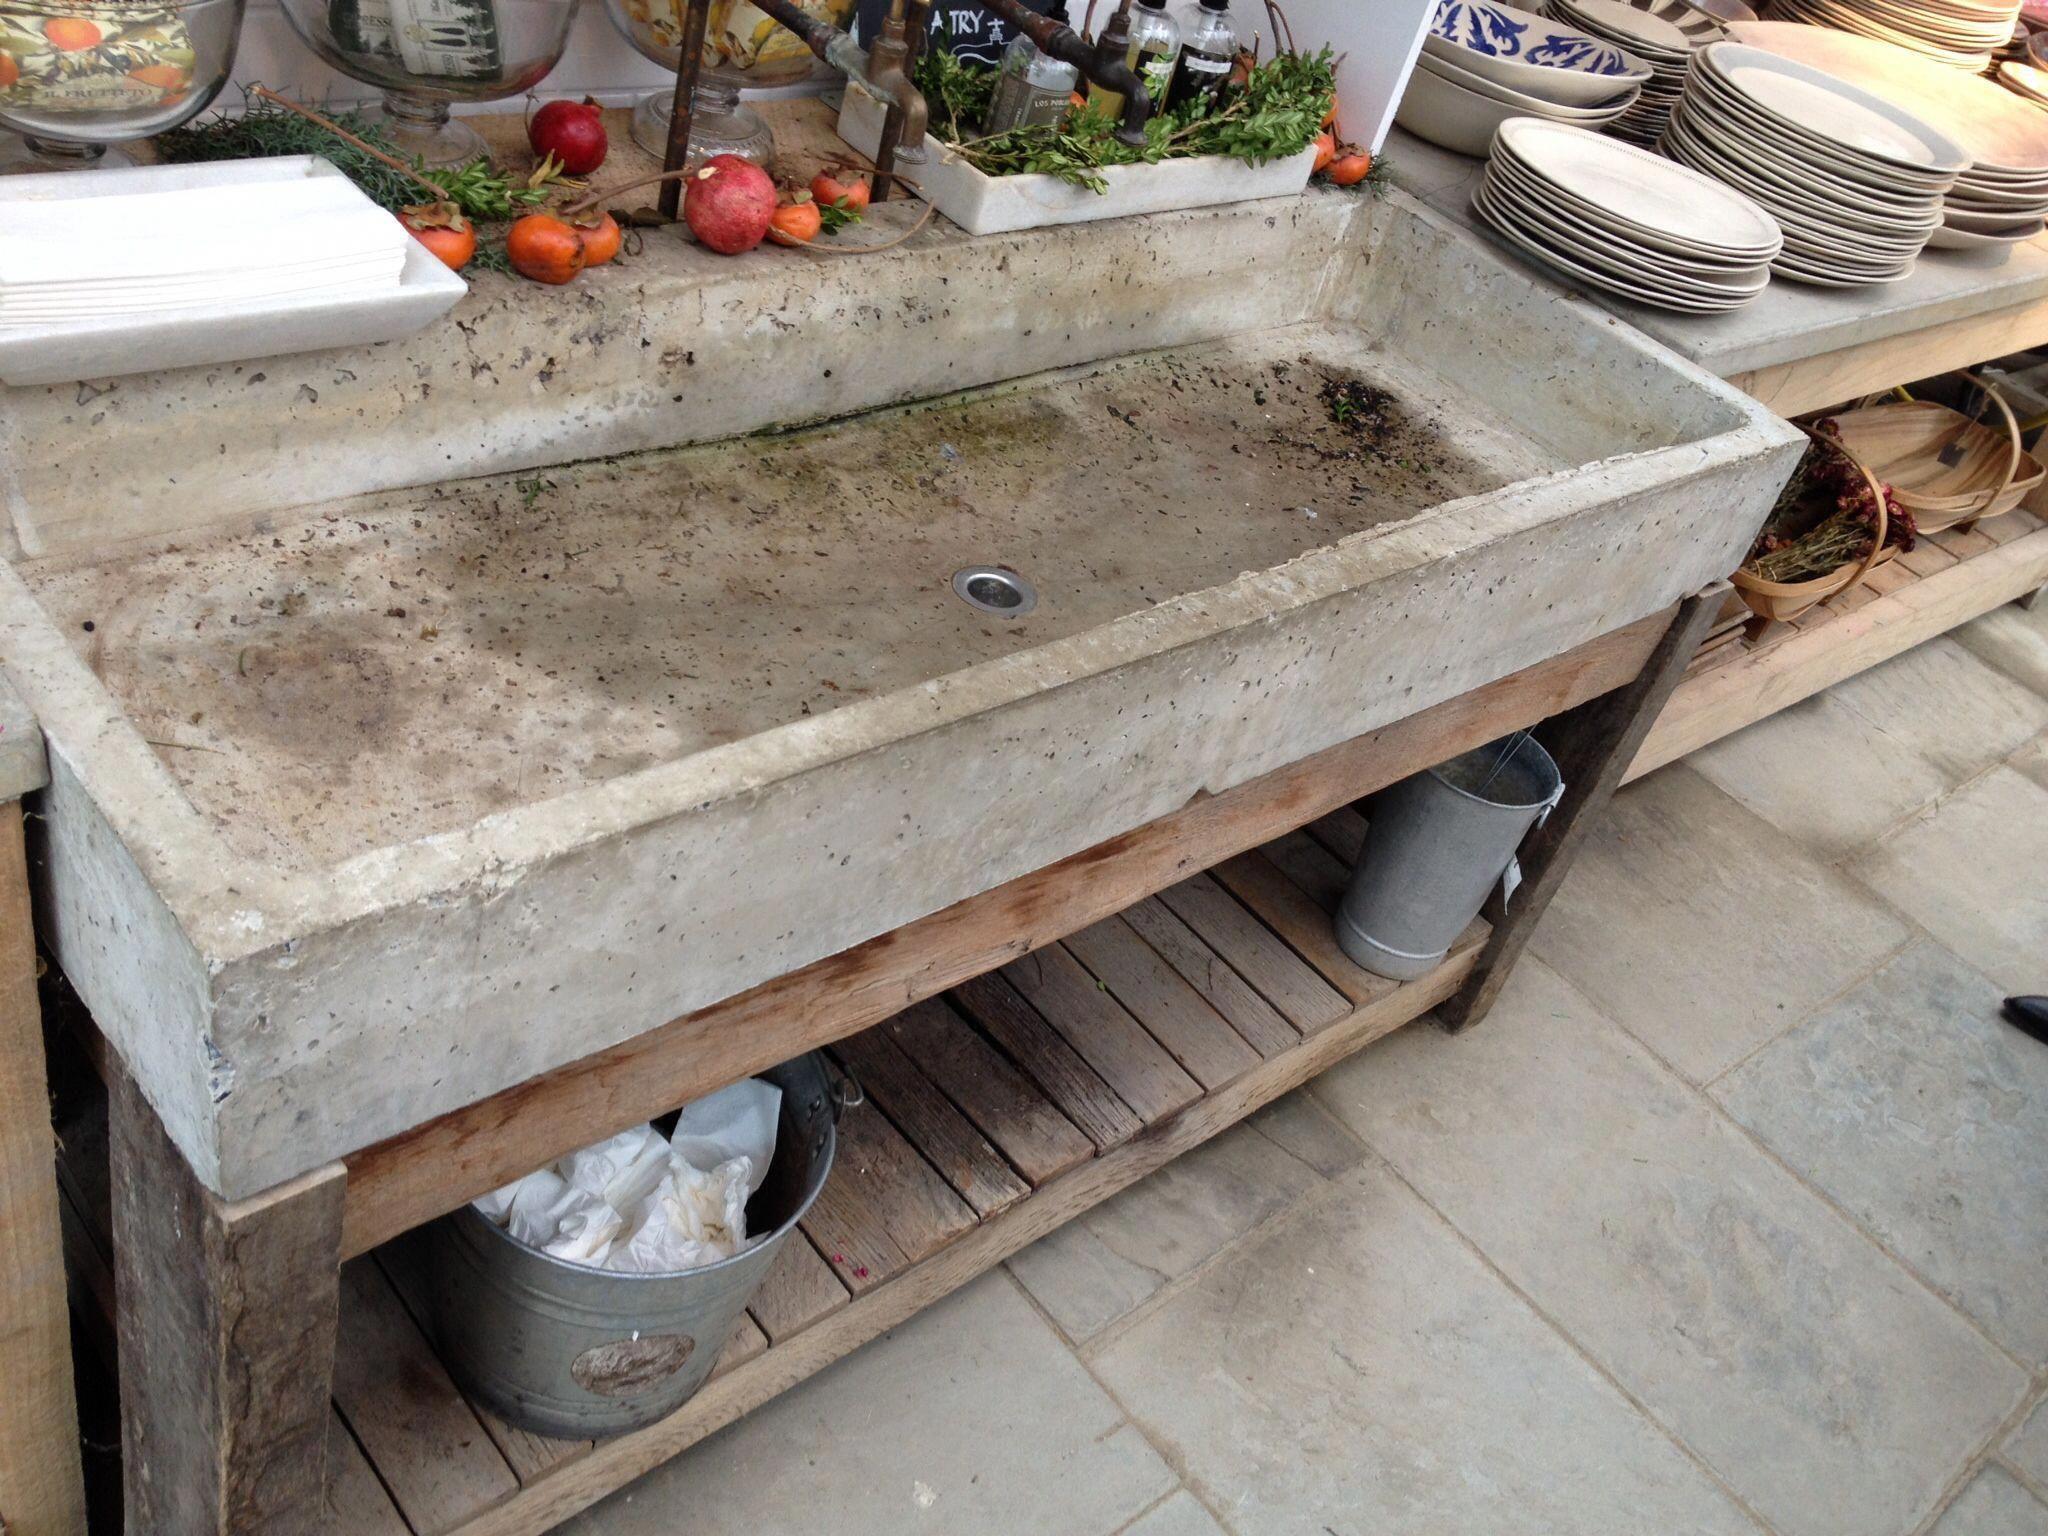 Concrete Sink Outdoorkitchenappliancestinyhouse Outdoor Kitchen Appliances Concrete Sink Rustic Kitchen